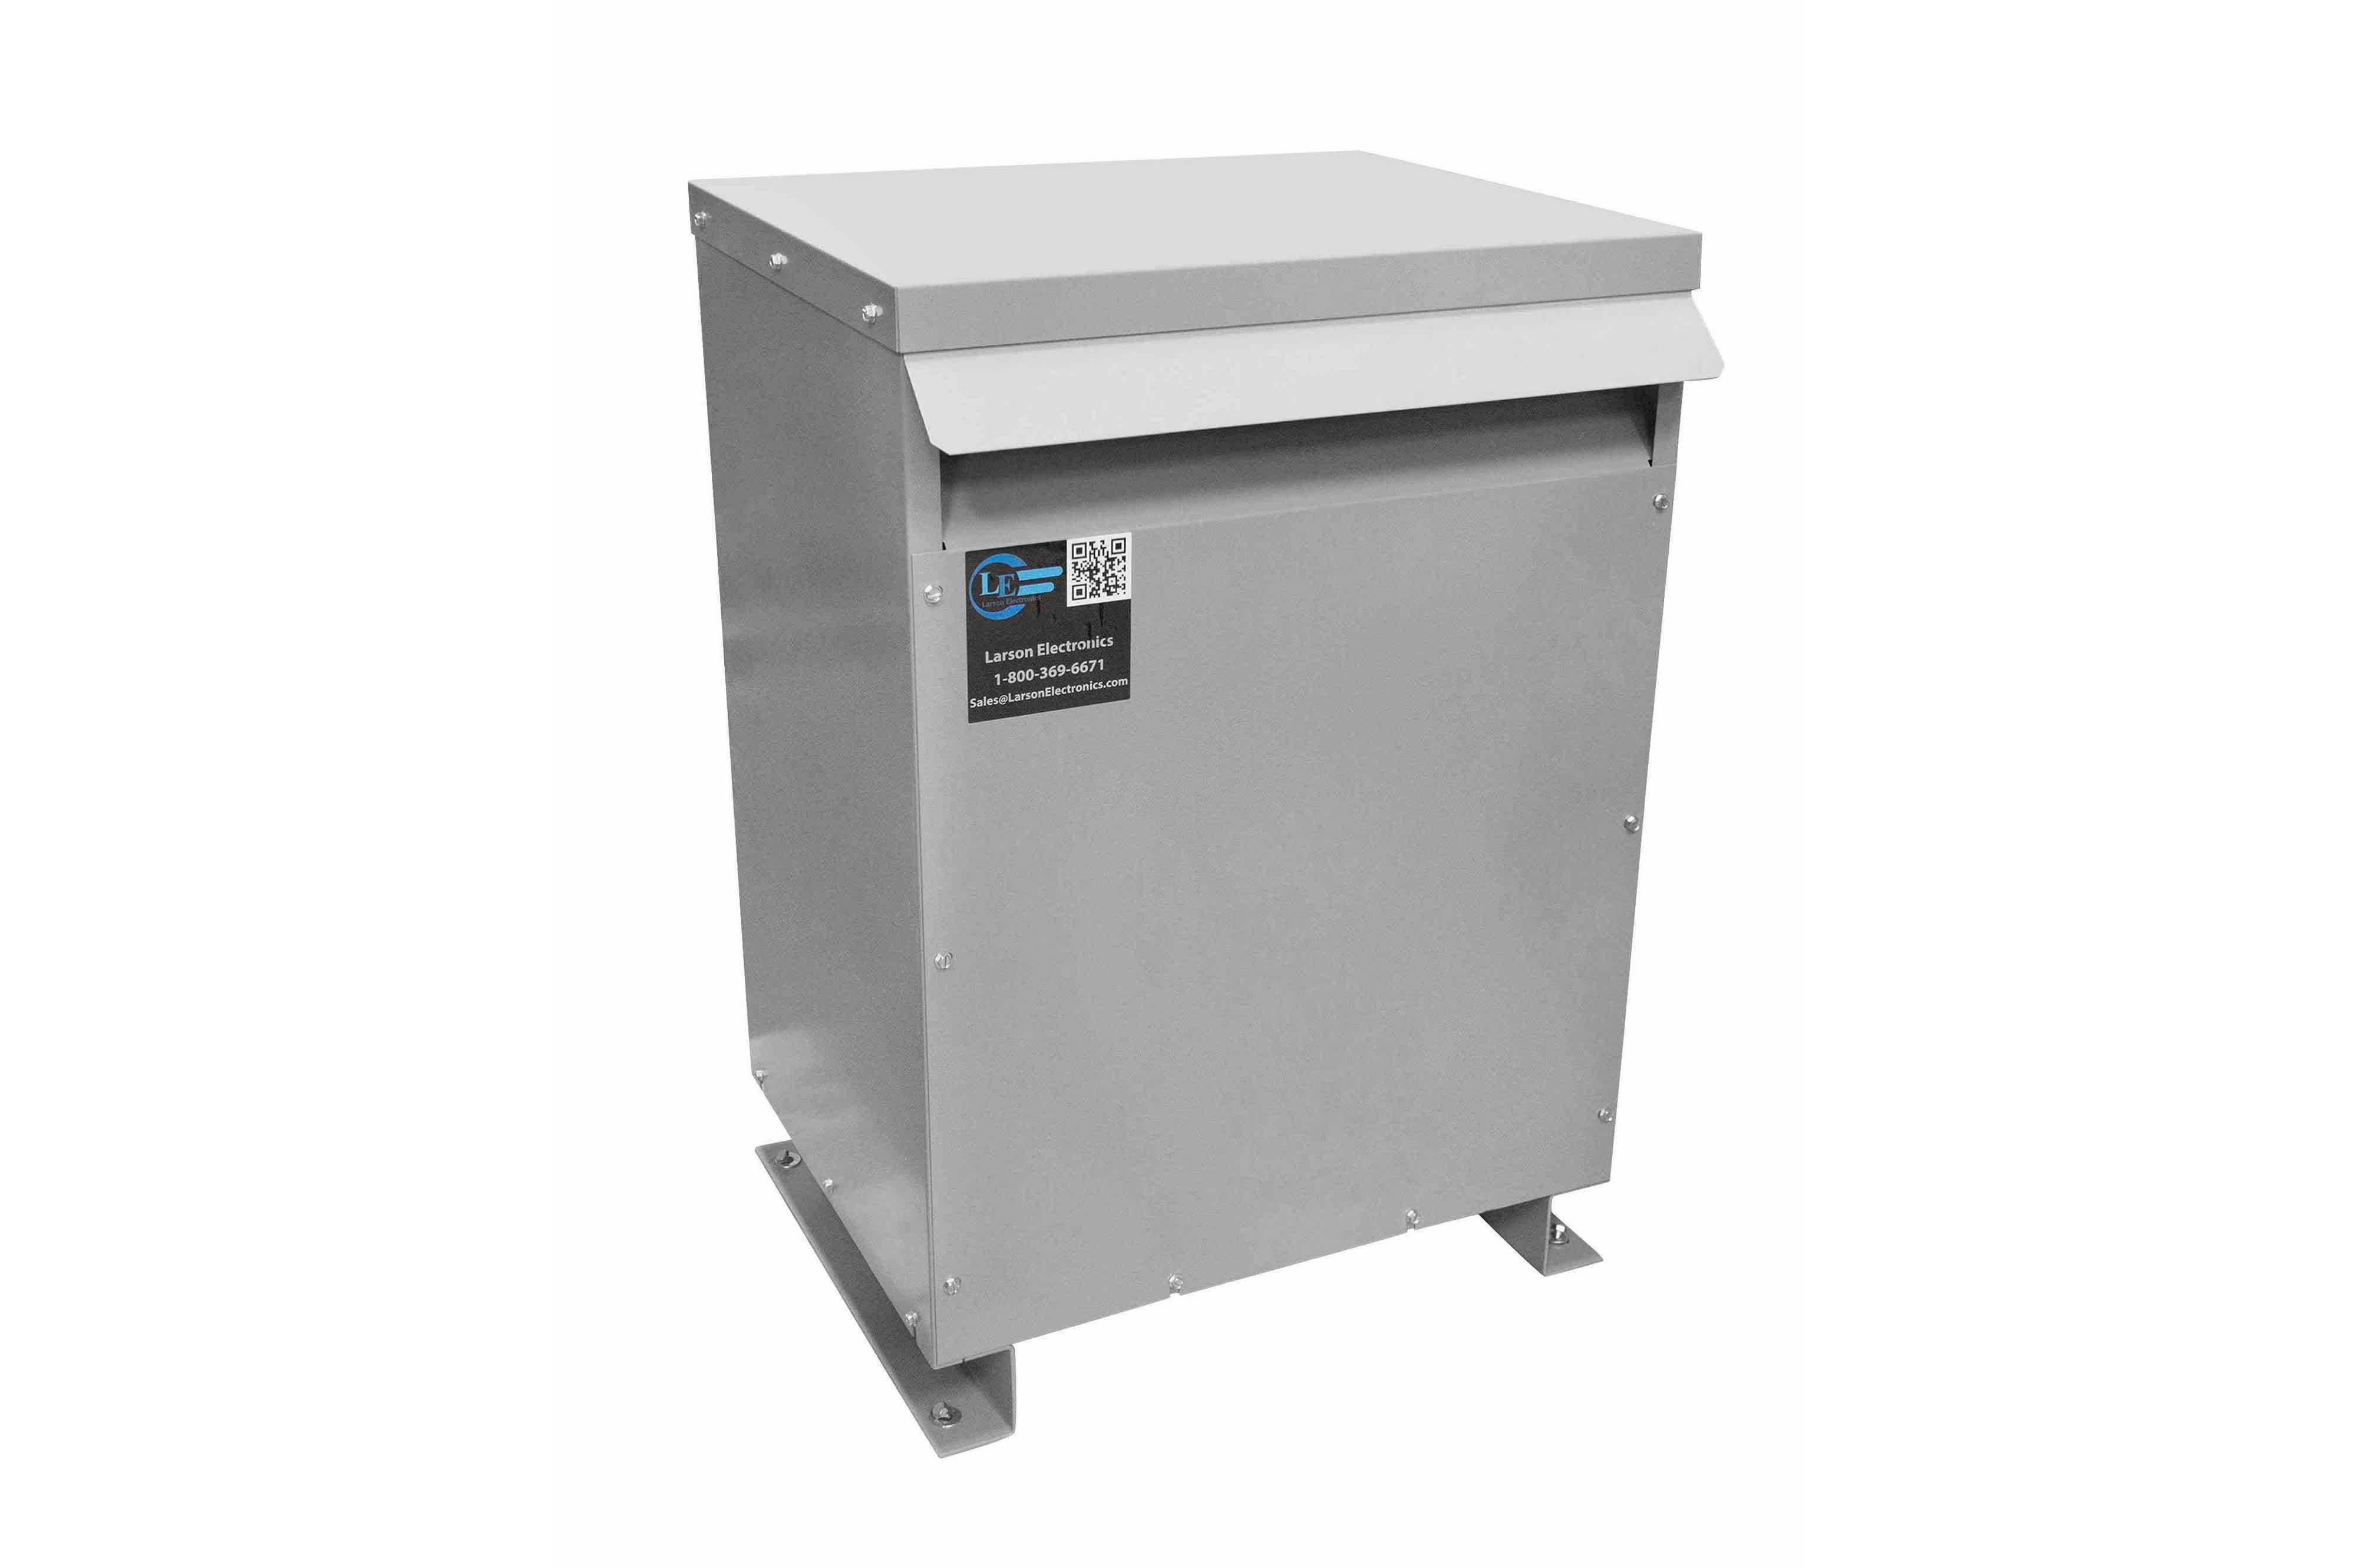 36 kVA 3PH Isolation Transformer, 460V Delta Primary, 415V Delta Secondary, N3R, Ventilated, 60 Hz